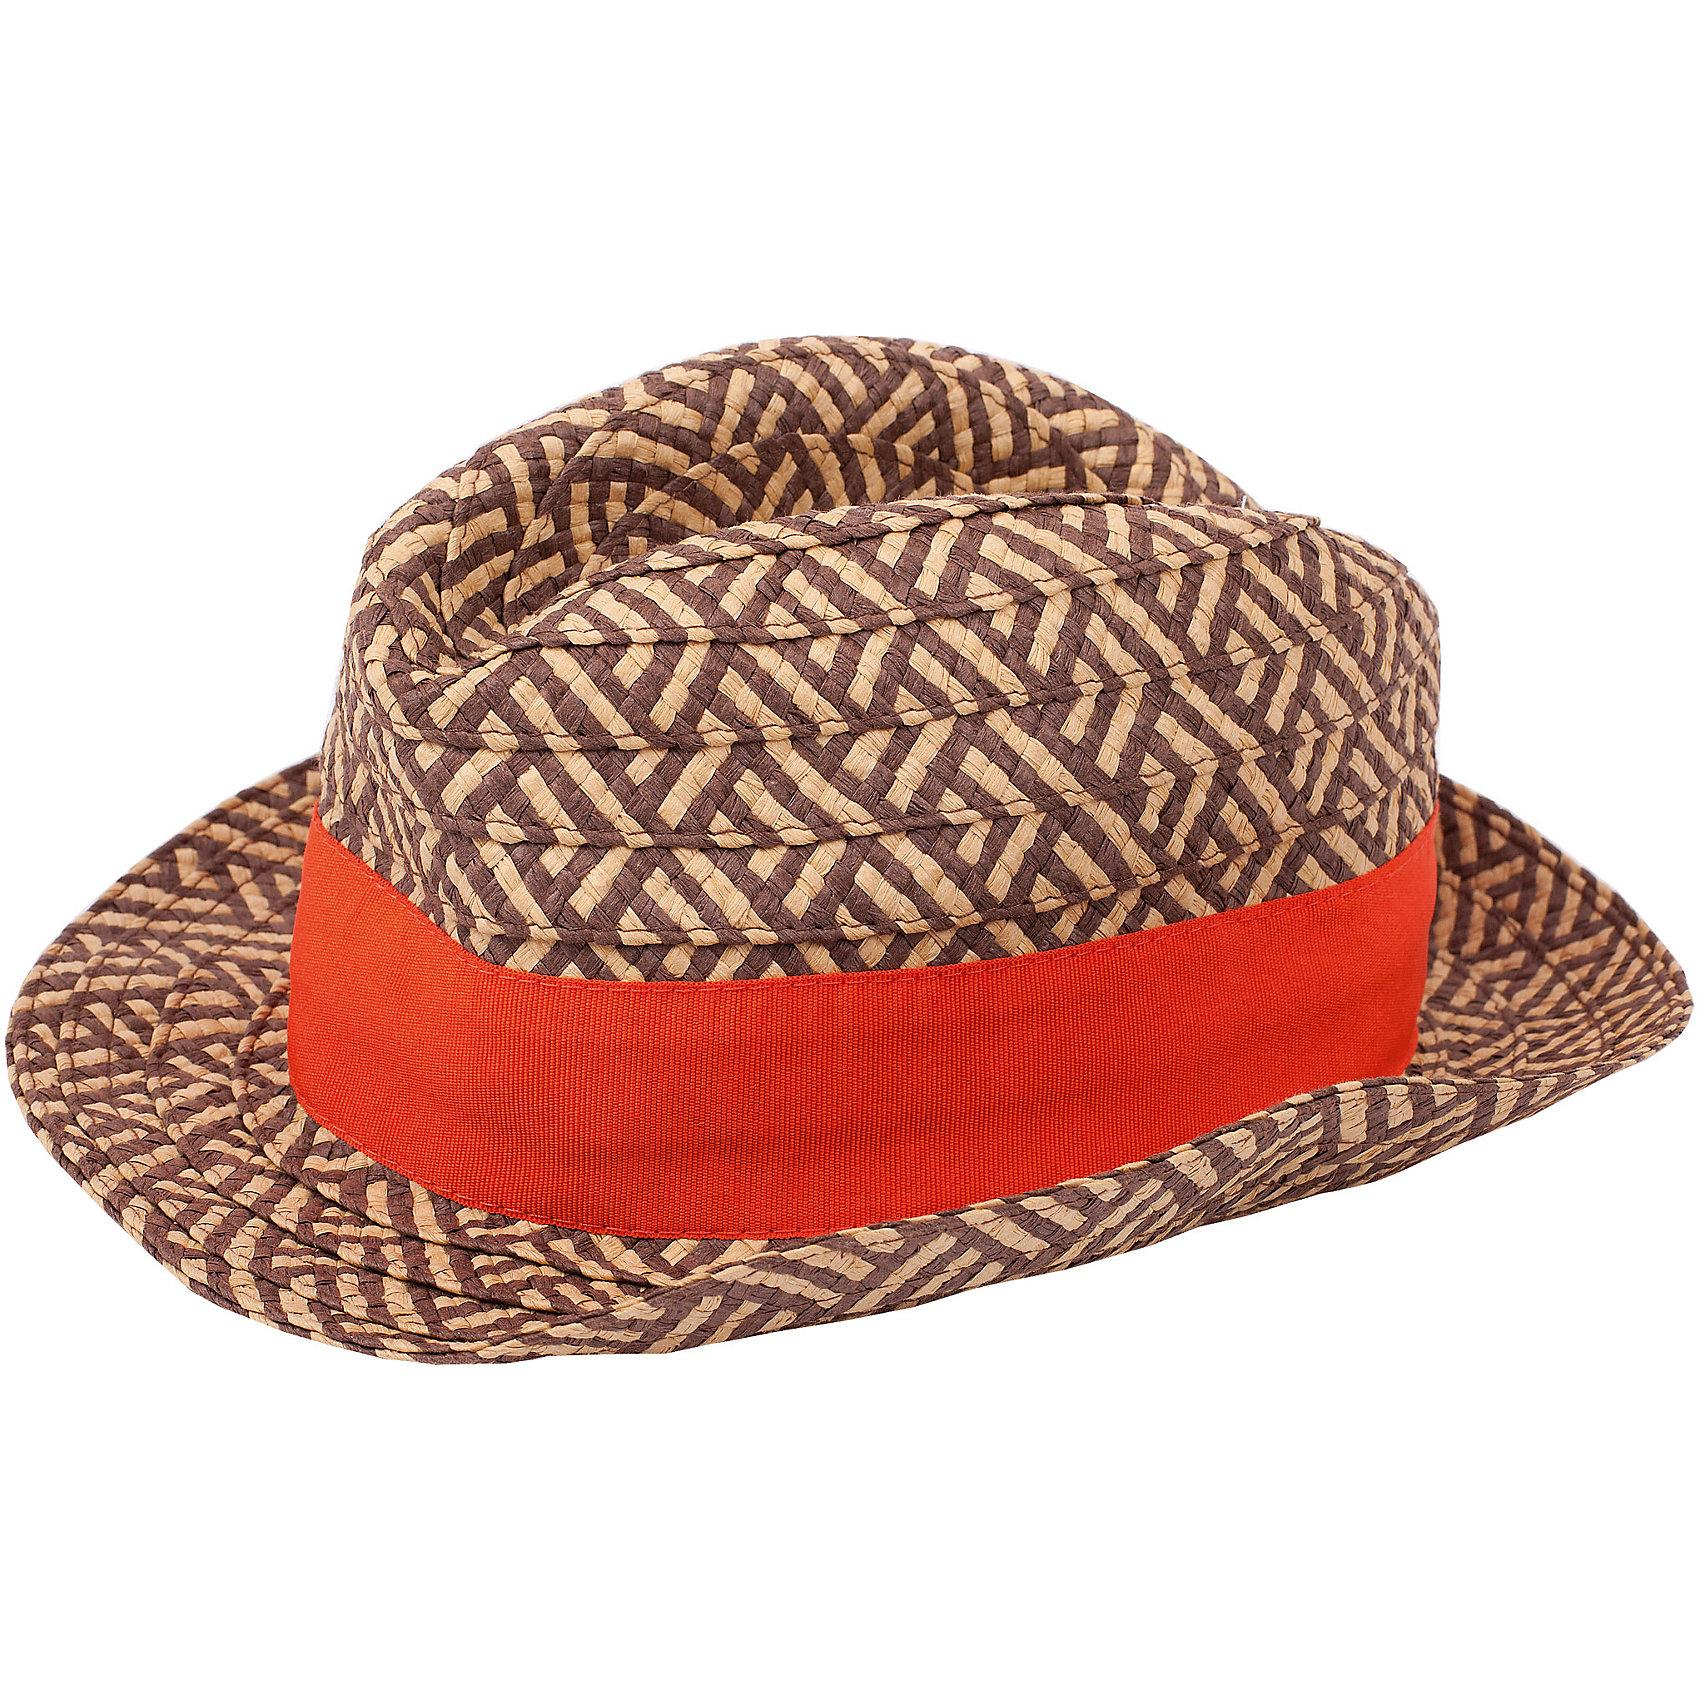 Шляпа для мальчика GulliverГоловные уборы<br>Шляпа для  мальчика-подростка - модный аксессуар и предмет особой гордости, способный подчеркнуть его индивидуальность. Если вы хотите купить шляпу, обратите внимание на эту модель! Шляпа вызывает восторг взрослых, одобрение сверстников и массу положительных эмоций окружающих.<br>Состав:<br>80% бумага , 20%полиестер<br><br>Ширина мм: 89<br>Глубина мм: 117<br>Высота мм: 44<br>Вес г: 155<br>Цвет: белый<br>Возраст от месяцев: 72<br>Возраст до месяцев: 84<br>Пол: Мужской<br>Возраст: Детский<br>Размер: 54<br>SKU: 4535126